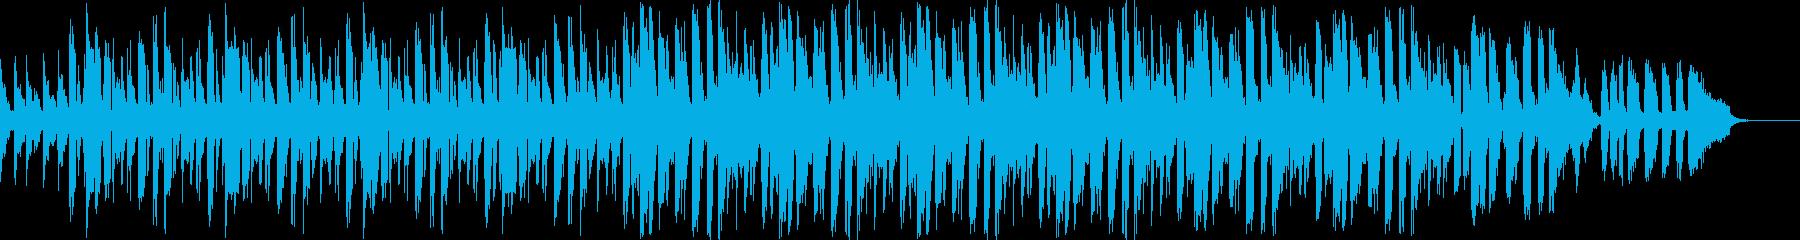 bpm128 ハイテンポスウィングバージの再生済みの波形